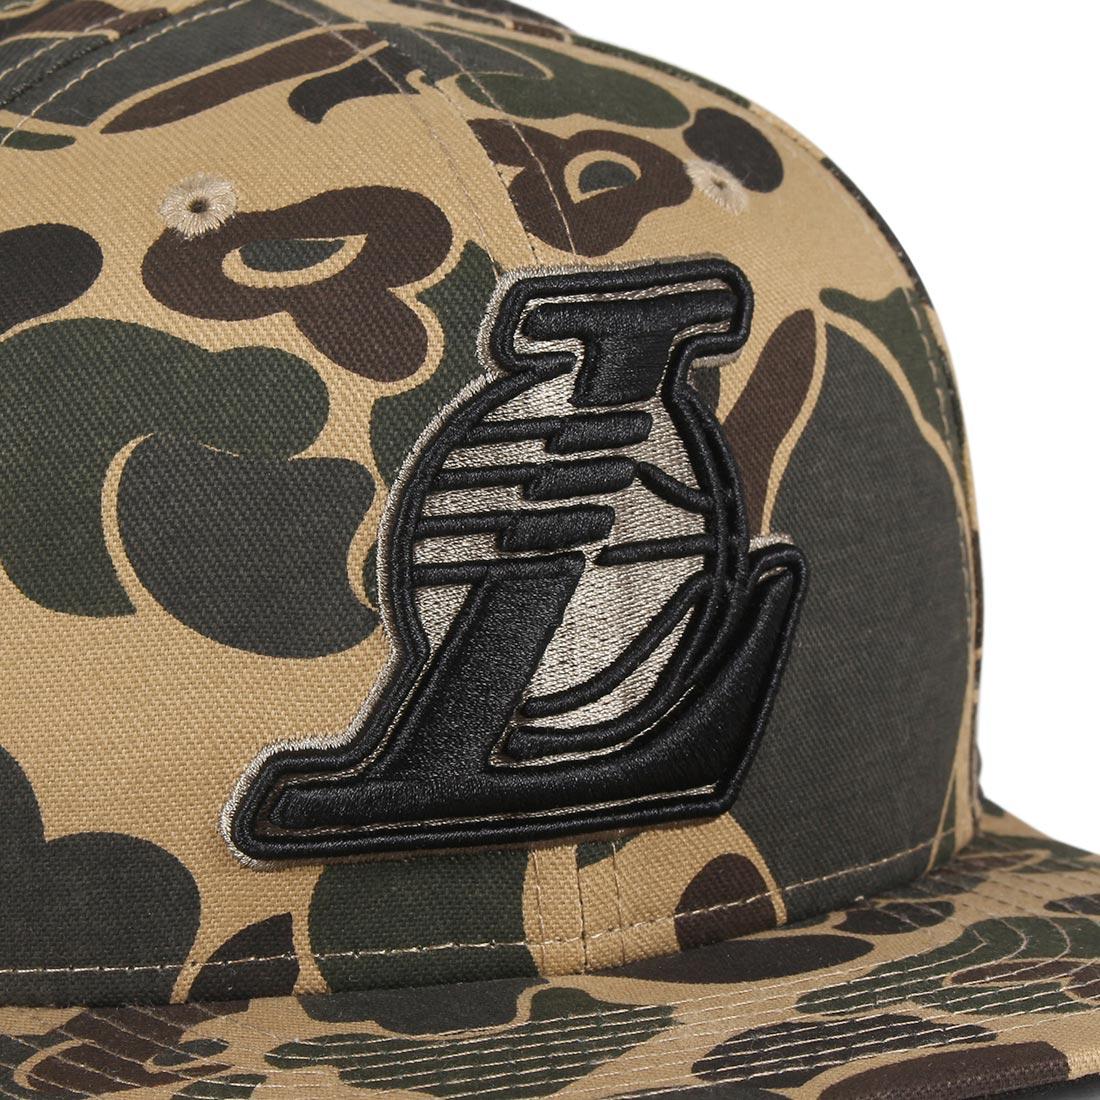 New Era LA Lakers Camo 9Fifty Cap - Desert Camo / Black